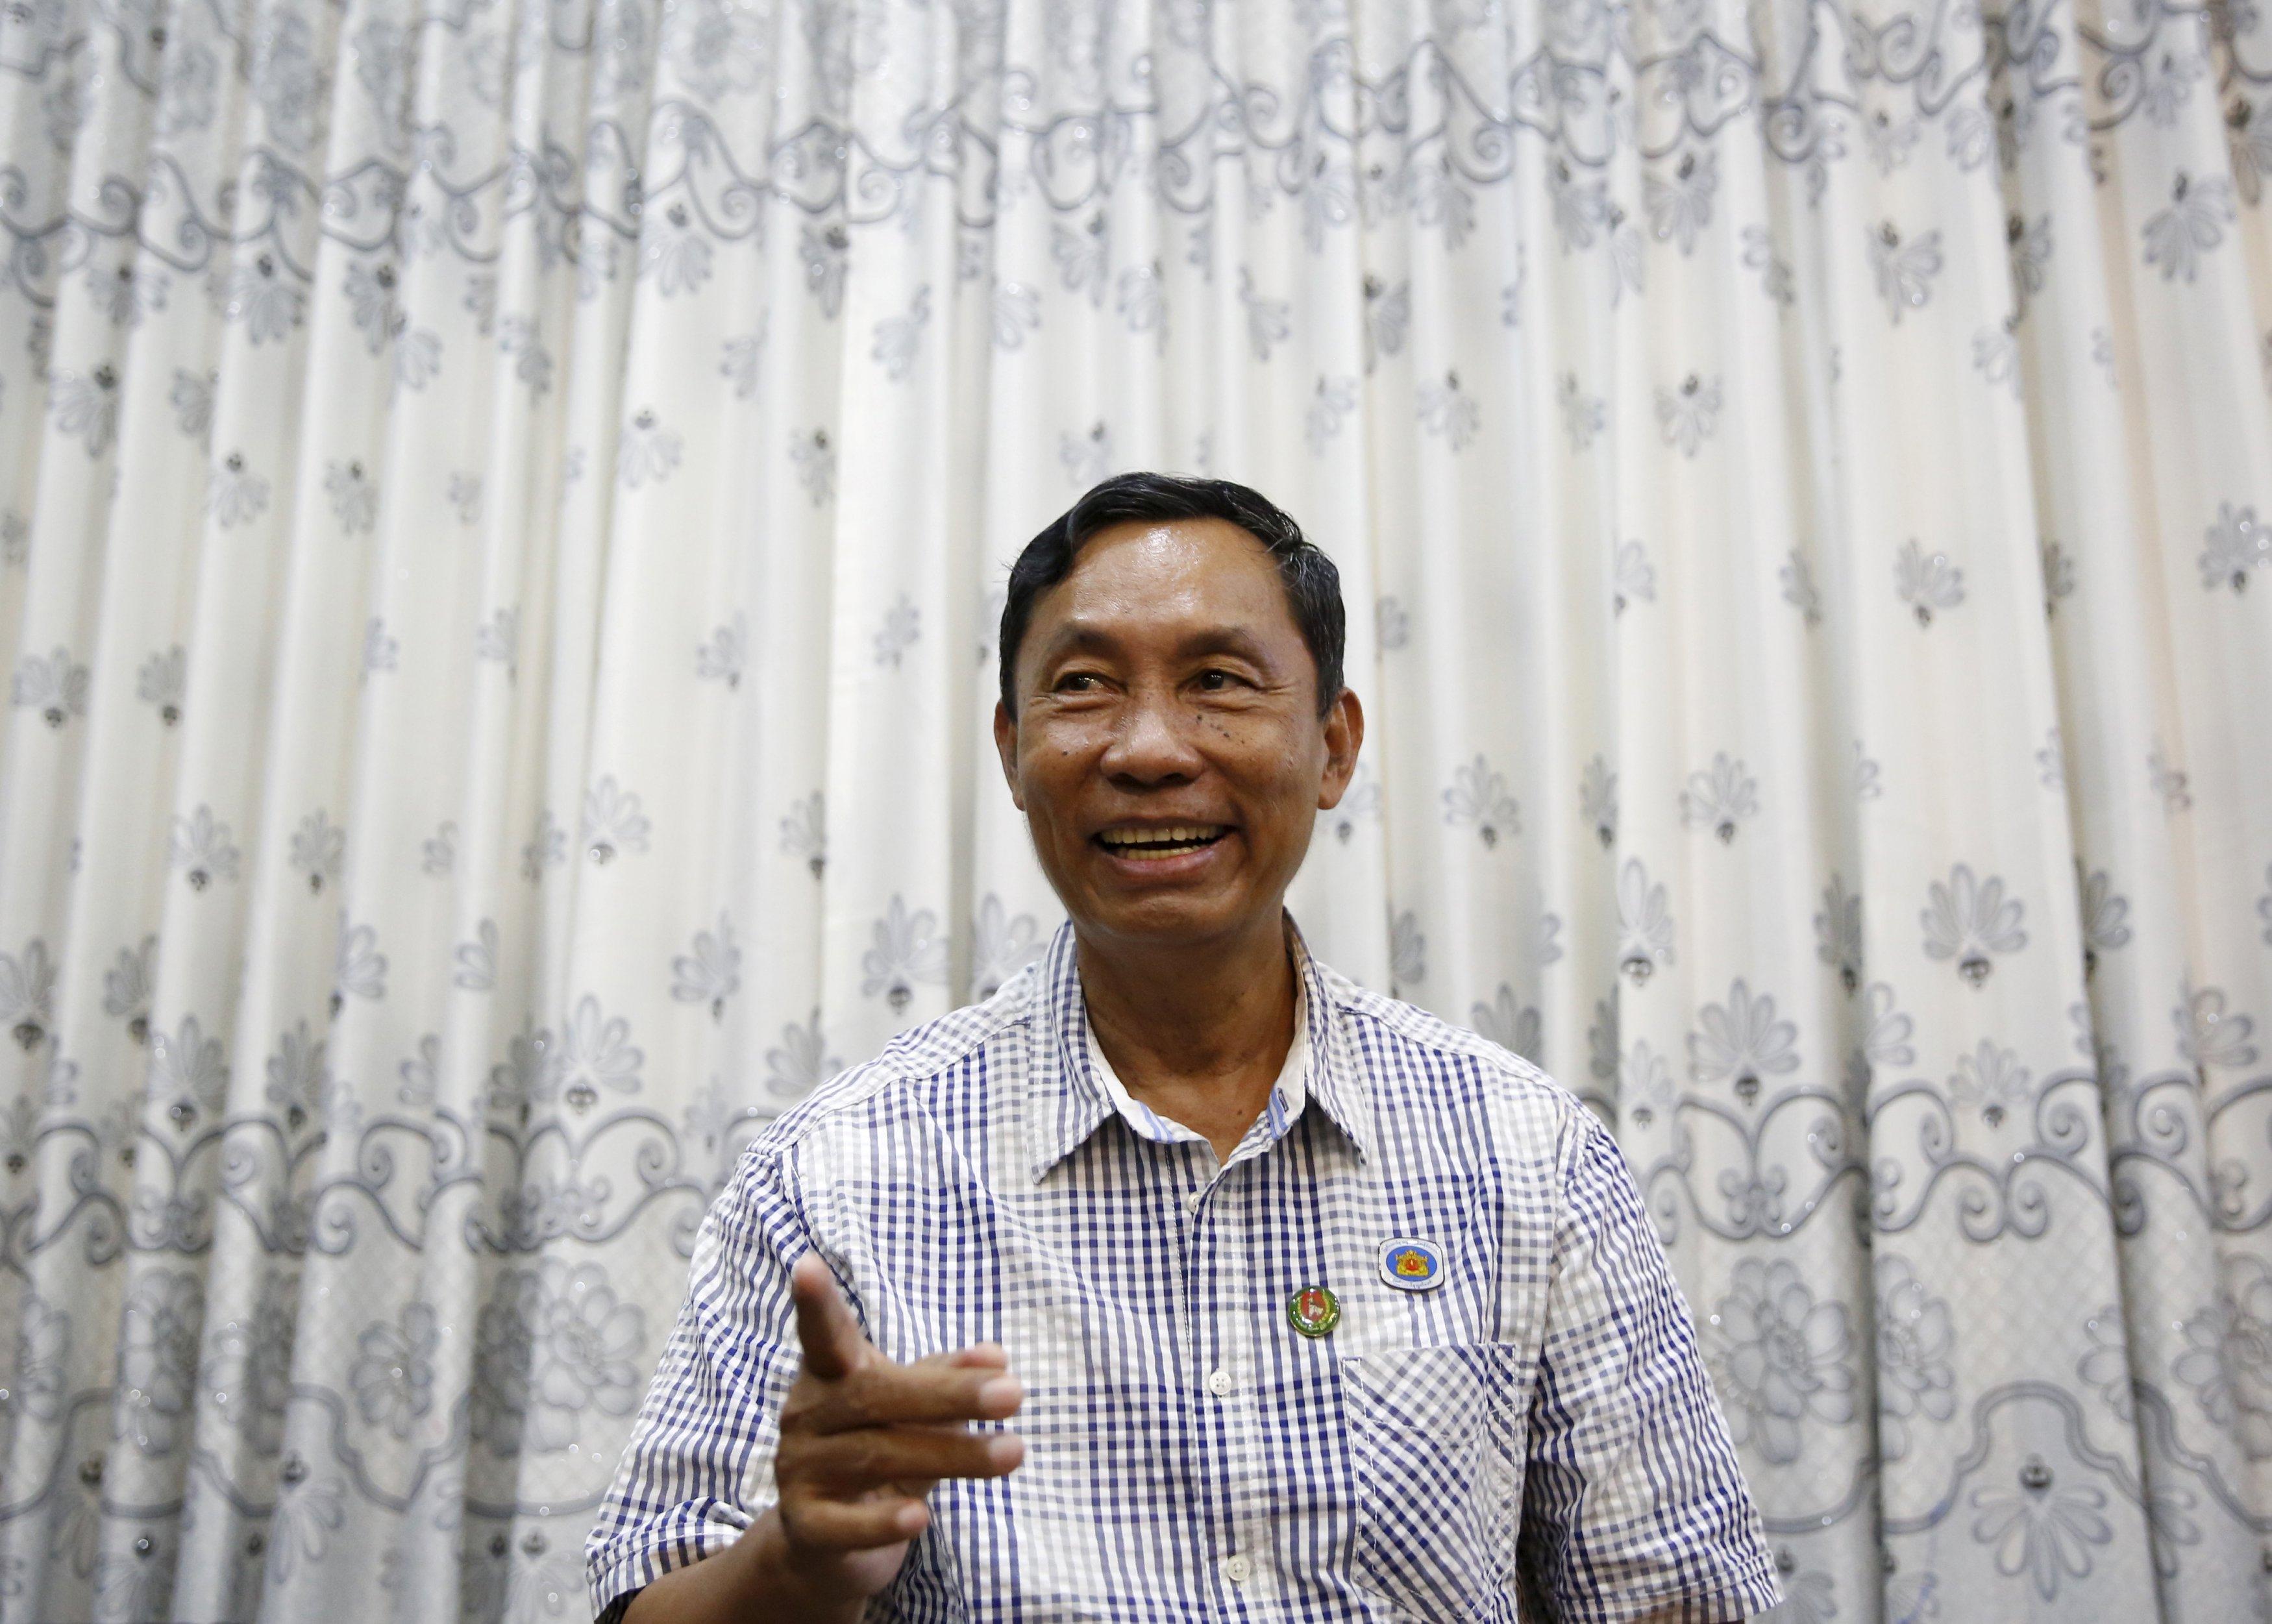 Mantan ketua partai berkuasa Myanmar Shwe Mann tersenyum saat wawancara dengan Reuters di kediamannya di Phyu, Myanmar, Rabu (4/11). Salah satu politisi paling berpengaruh di Myanmar, digulingkan dari posisinya sebagai pemimpin partai pada bulan Agustus, yang menurutnya partai oposisi Aung San Suu Kyi adalah yang paling populer di Myanmar dan ia akan bekerja sama dengan pemenang Nobel tersebut di parlemen setelah pemilihan bersejarah. Shwe Mann memimpin fraksi Partai Uni Solidaritas dan Pembangunan yang cukup besar di parlemen. Jika Suu Kyi gagal memenangkan mayoritas, dukungan dari salah satu mantan jenderal di junta bisa membantu Suu Kyi membentuk pemerintahan. REUTERS/Olivia Harris.